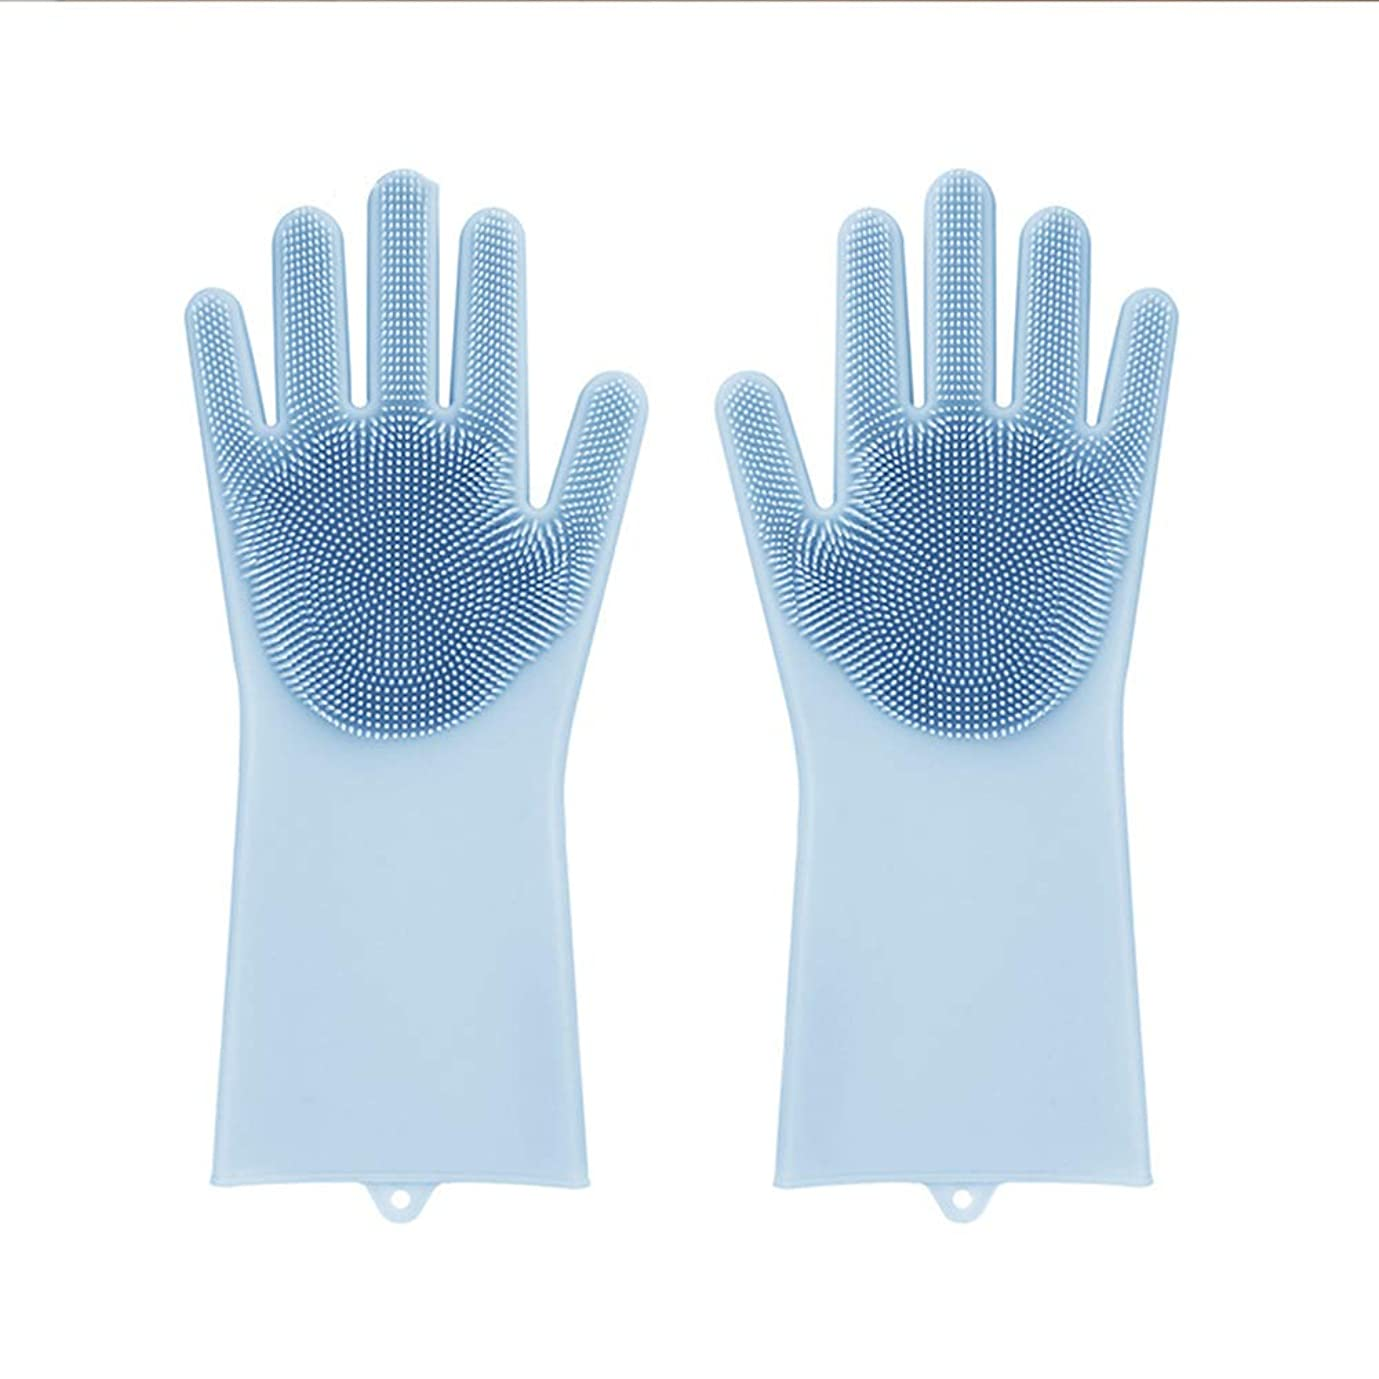 踏み台罹患率同封する家庭用家庭用シリコンクリーニング手袋多機能キッチンブラシボウル防滑手袋